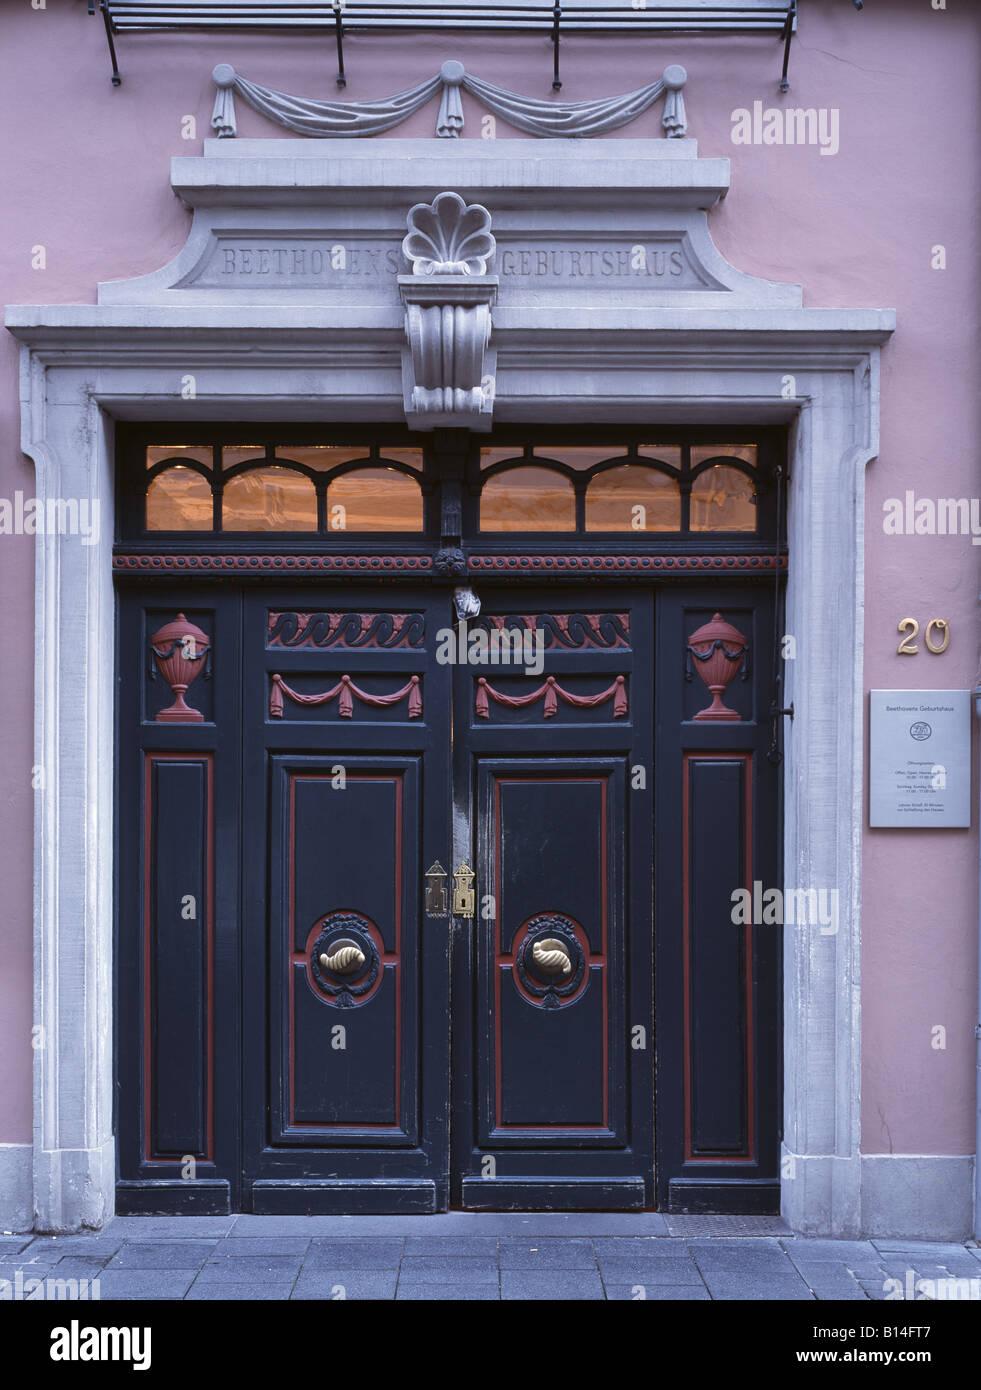 Bonn, Beethovenhaus in der Bonngasse, Geburtshaus Ludwig van Beethoven, Eingangstüre - Stock Image